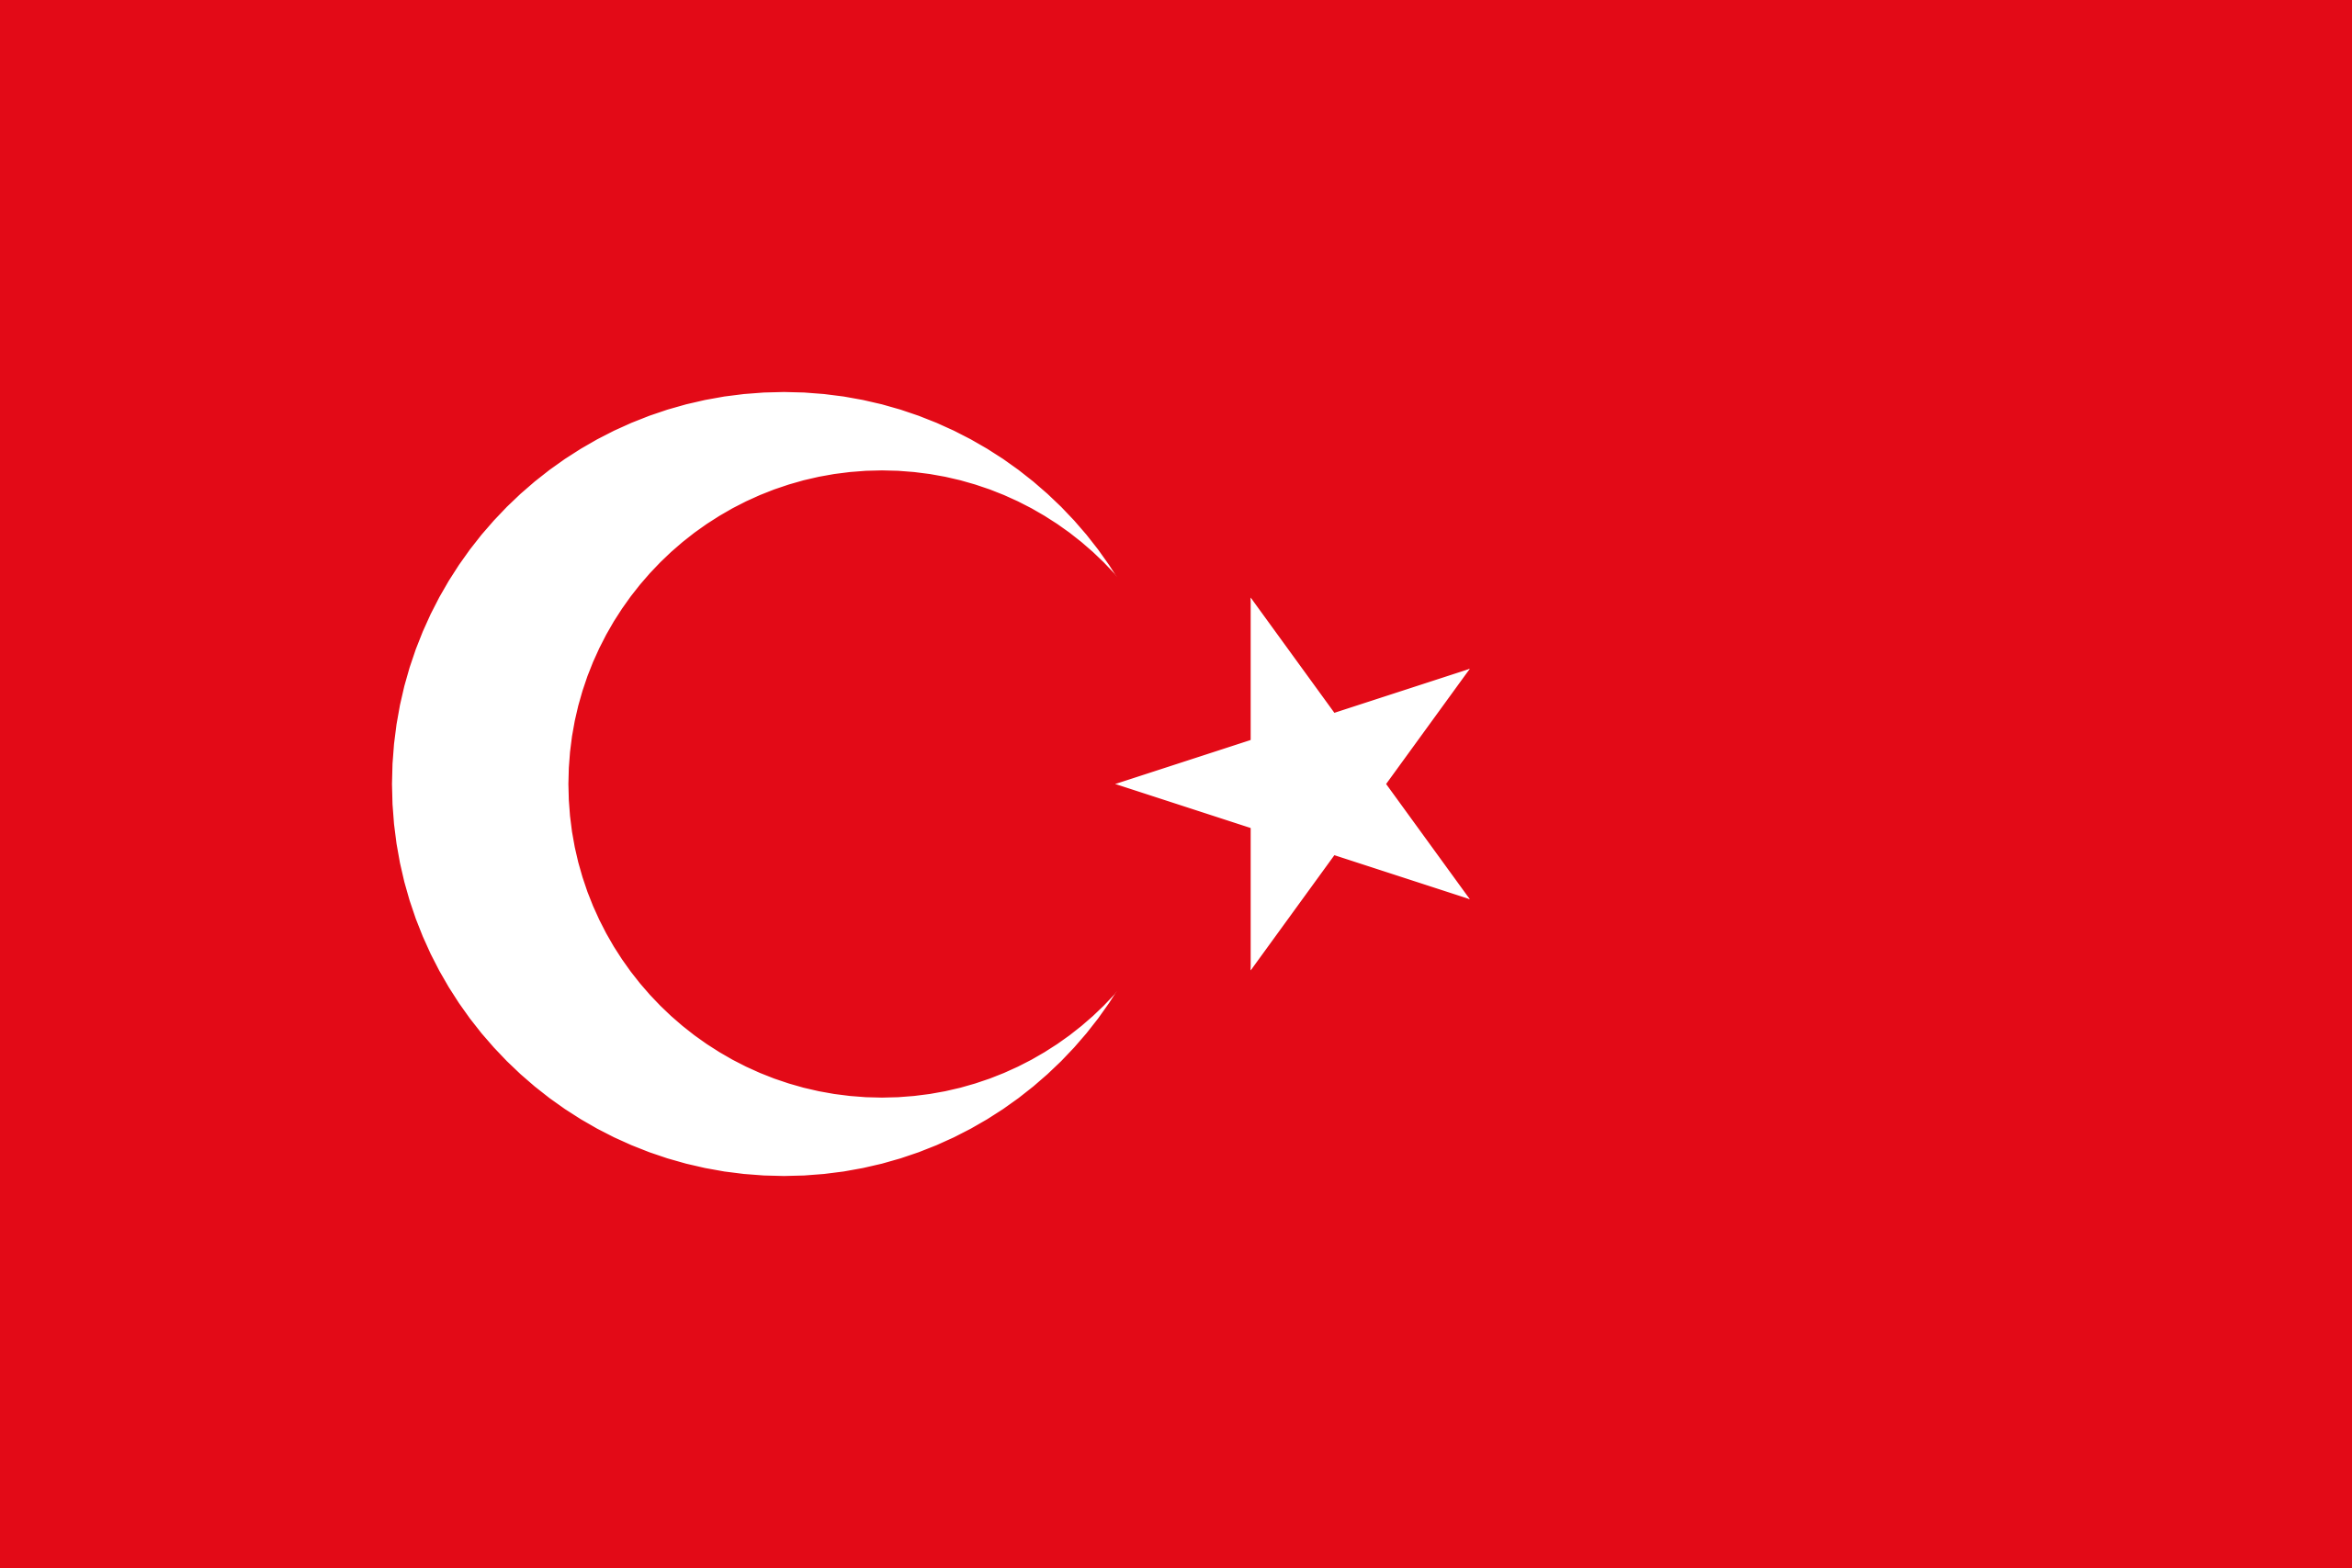 Турция, страна, Эмблема, логотип, символ - Обои HD - Профессор falken.com